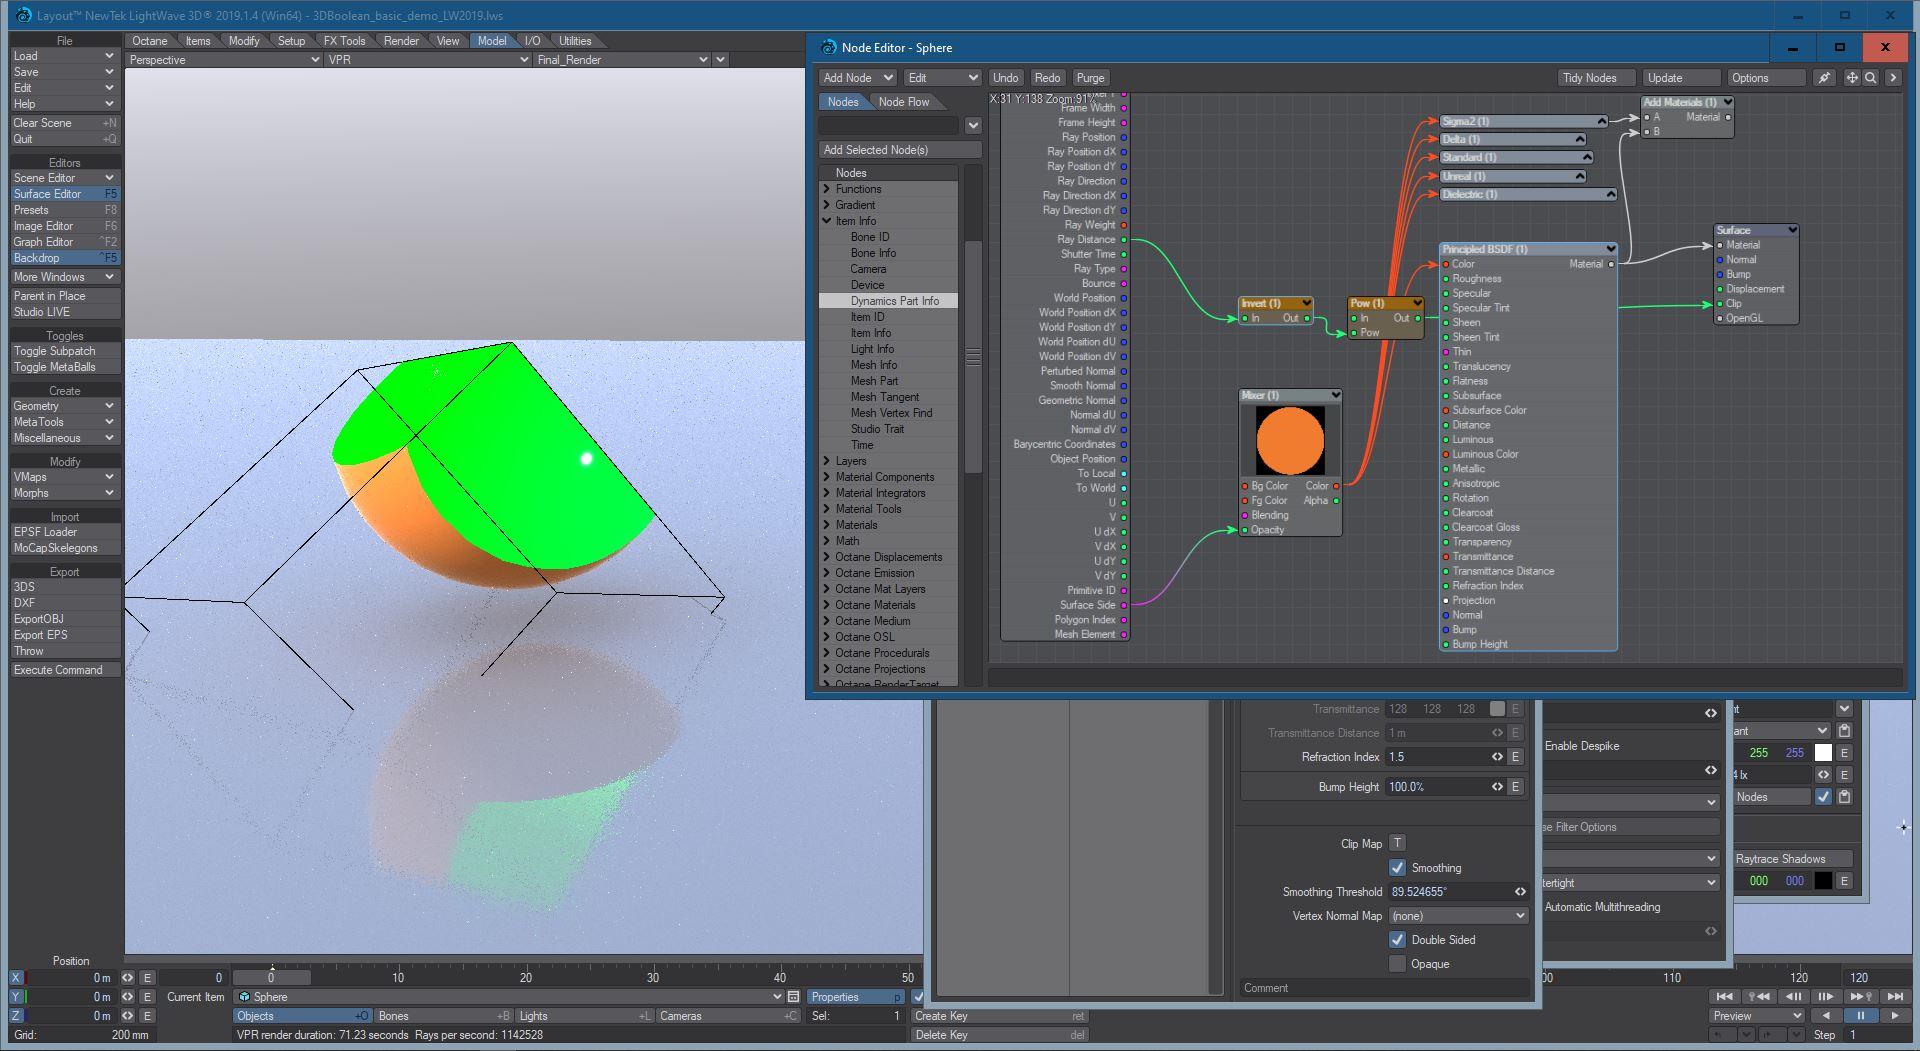 Nome: 2020-02-14 14_24_37-Layout™ NewTek LightWave 3D® 2019.1.4 (Win64) - 3DBoolean_basic_demo_LW2019..jpg Visite: 127 Dimensione: 262.1 KB